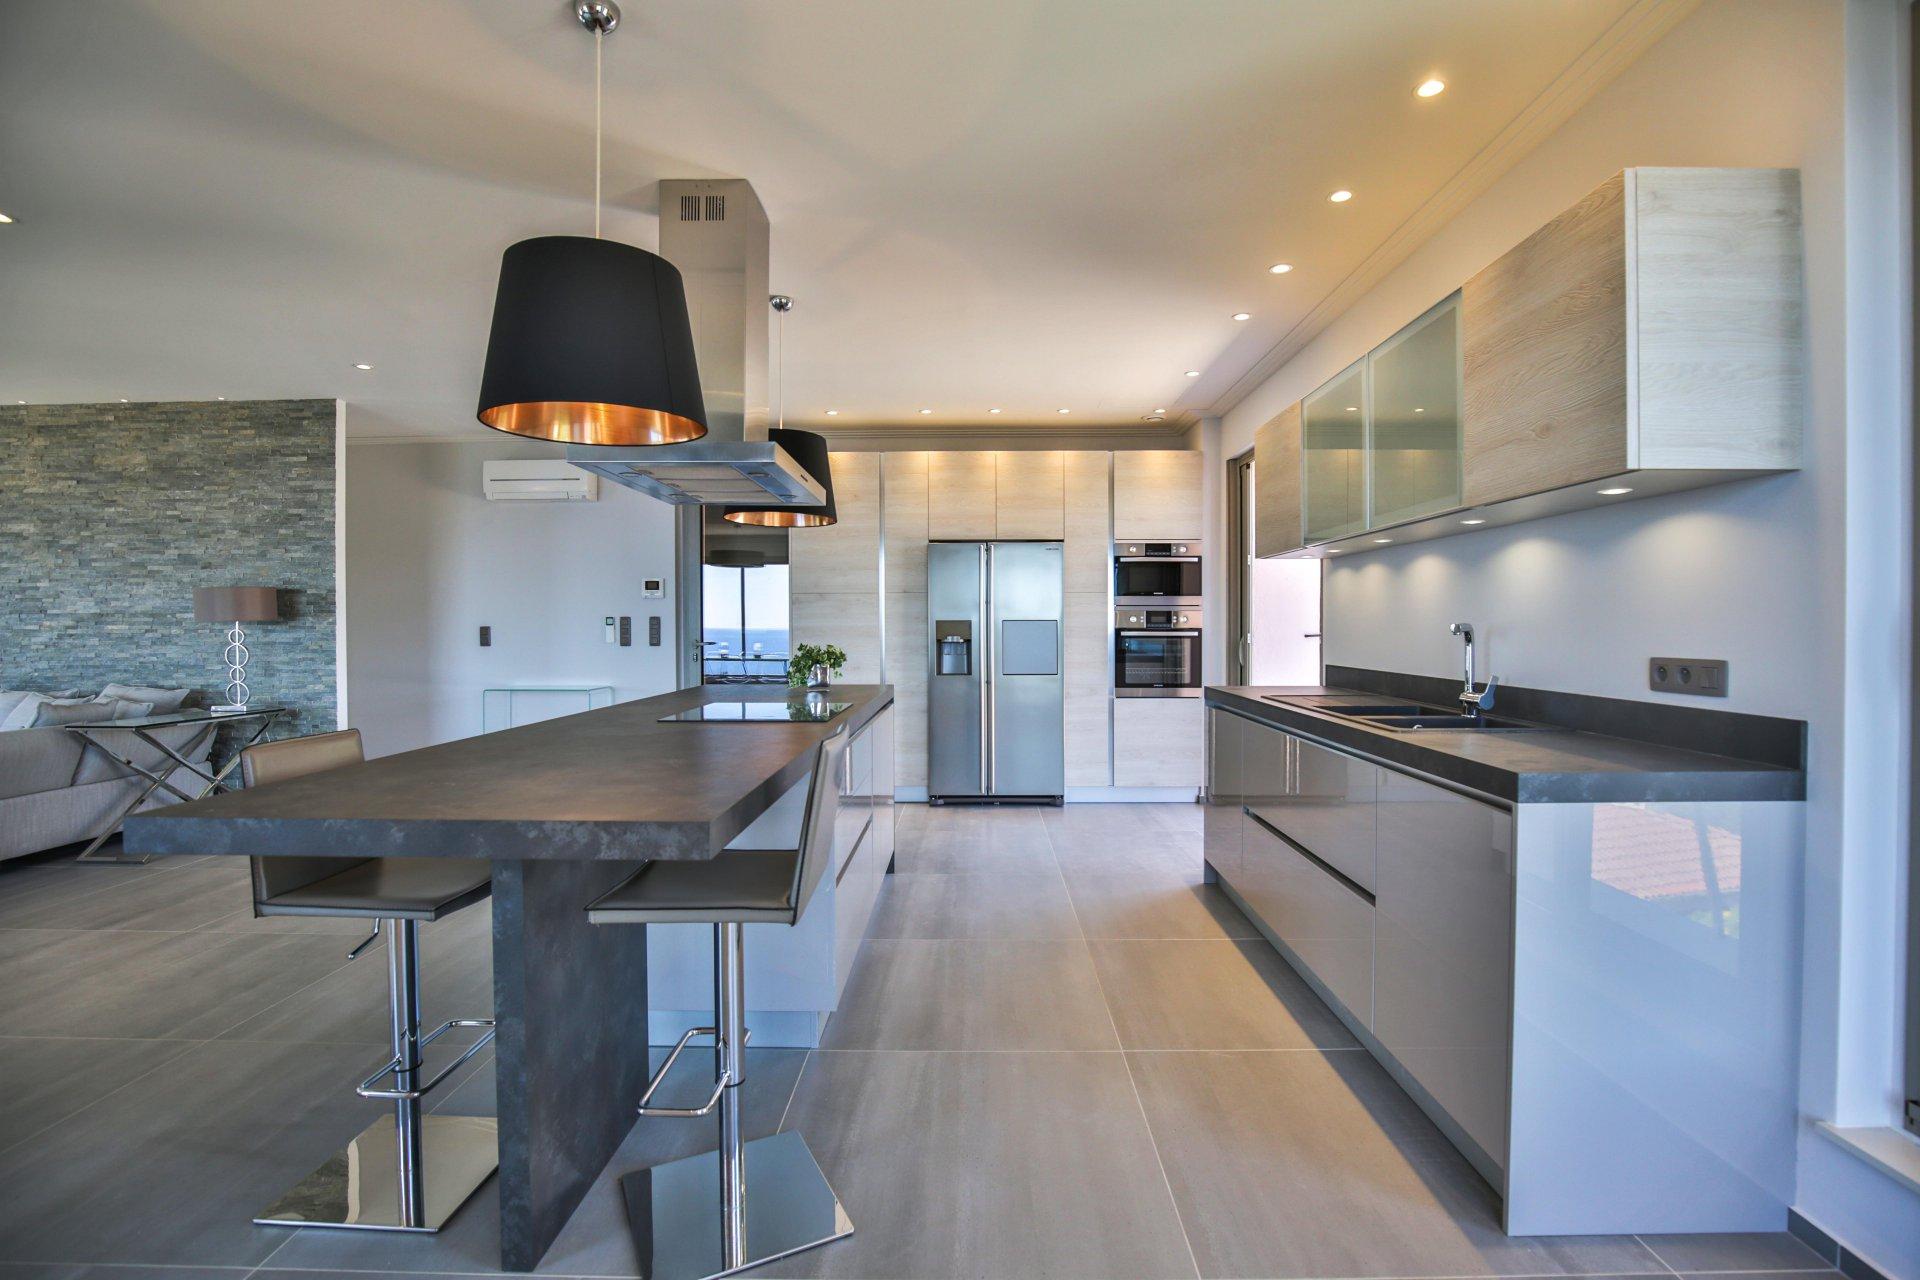 Villa renovada de 240 m² 6 habitaciones con vistas al mar